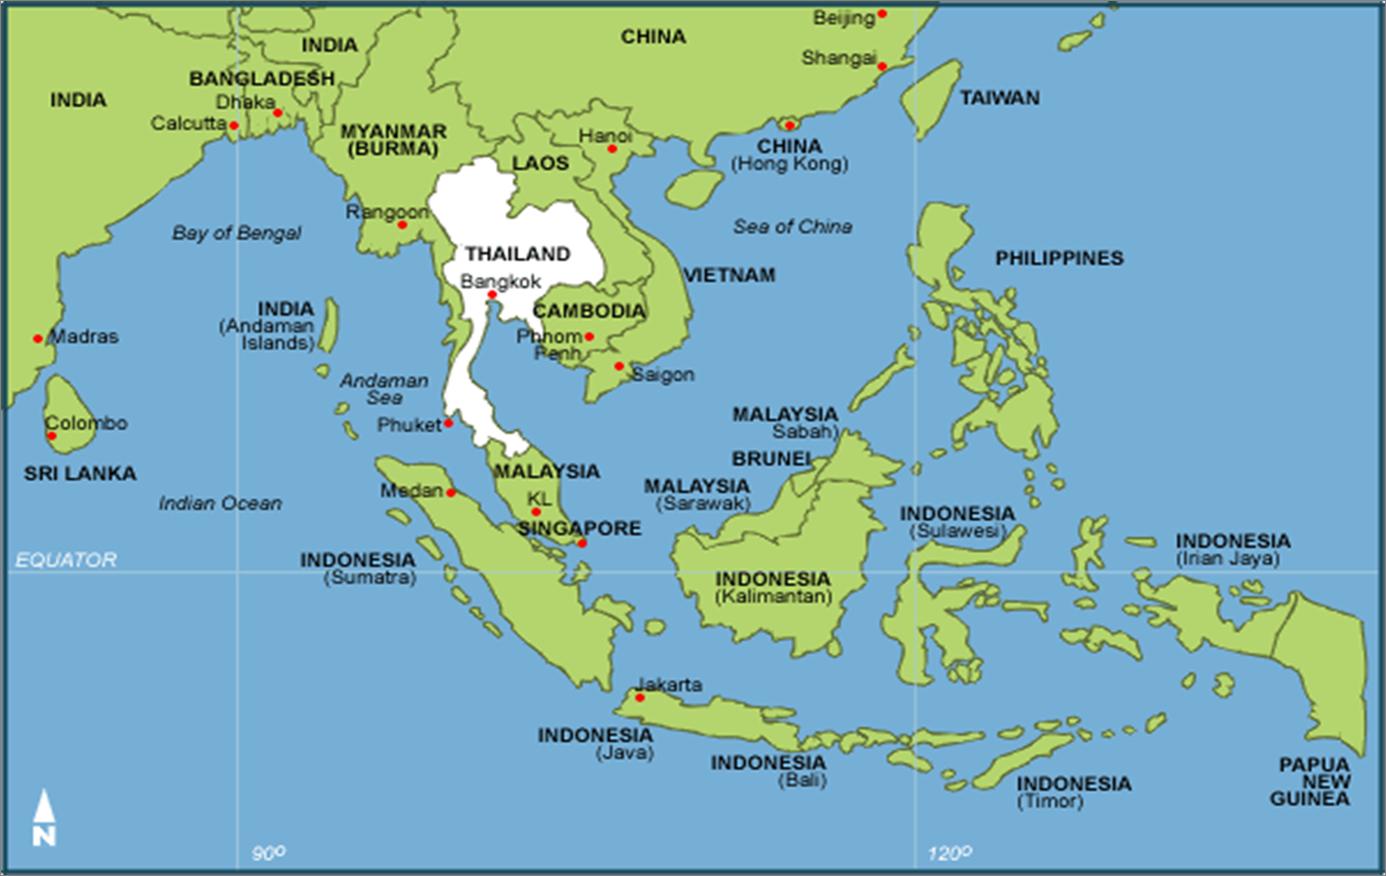 泰国农药市场全分析报告(农业环境,农药市场规模,作物用药情况,经销商信息)